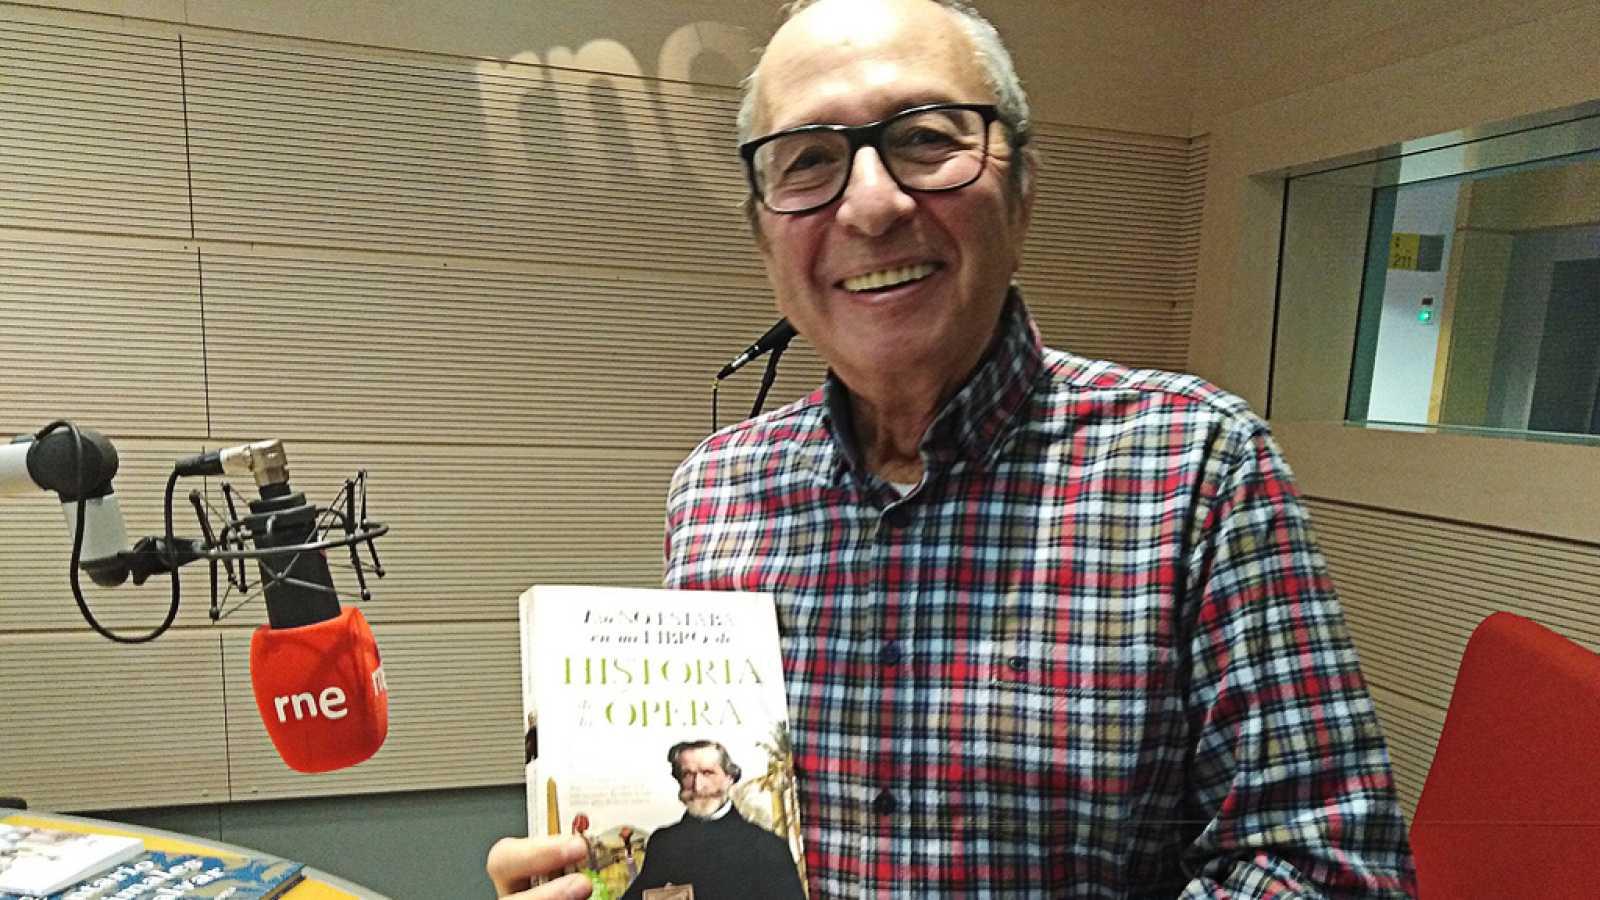 Hora América - Pedro González Mira presenta 'Eso no estaba en mi libro de Historia de la Ópera' - 16/07/20 - escuchar ahora